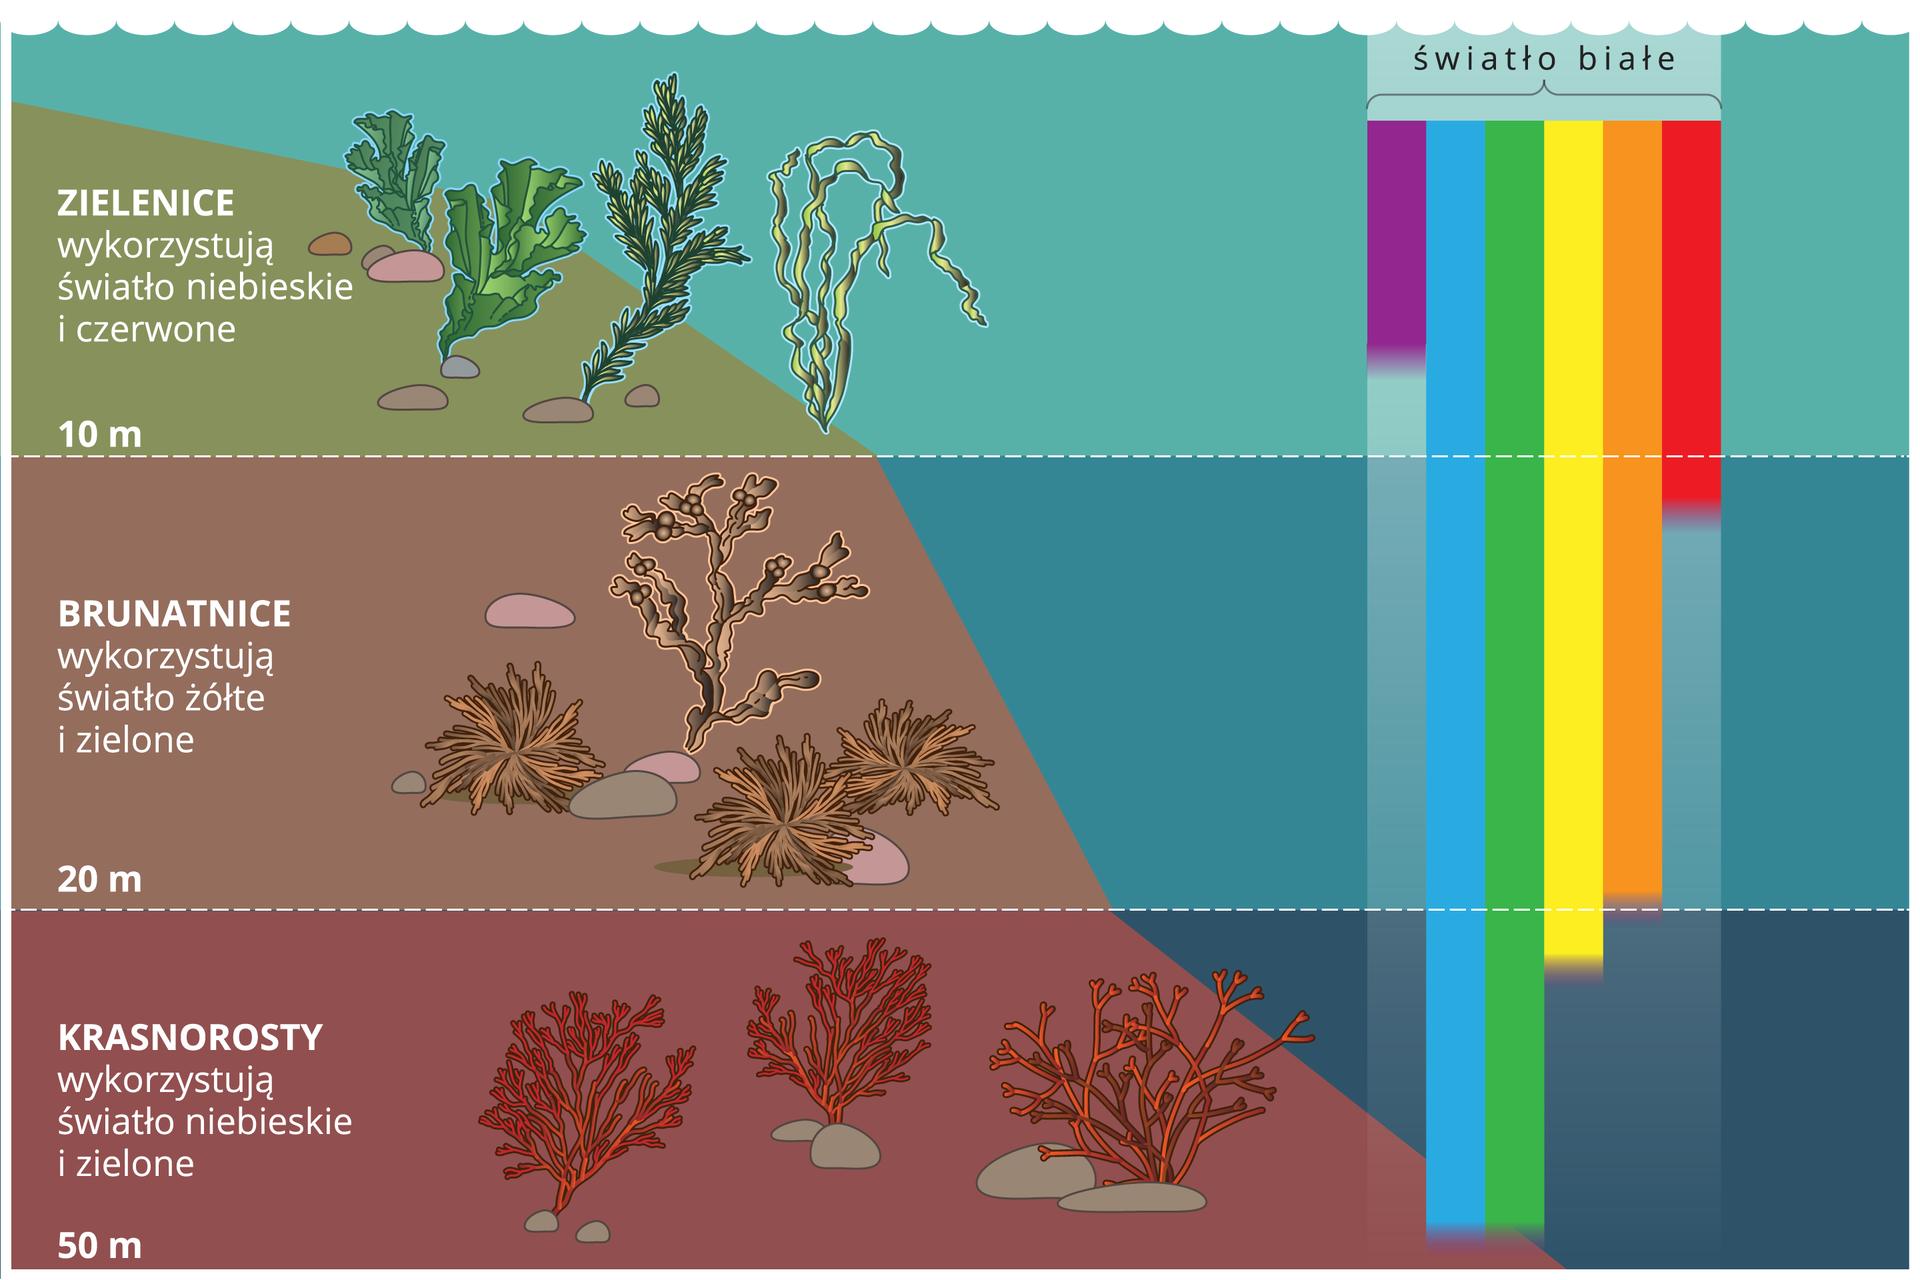 Ilustracja przedstawia zbocze wmorzu. Jest podzielone na trzy poziome pasy wróżnych kolorach, oznaczające różną głębokość: 10, 20 i50 metrów. Na morskim zboczu wpasach ukazano glony, rosnące na danej głębokości. Od góry są to: zielenice, brunatnice ikrasnorosty na coraz ciemniejszym tle. Po prawej znajdują się kolorowe pionowe paski, obrazujące rozszczepienie światła białego na części składowe. Paski sięgają do różnych głębokości. Podpisy od góry: zielenice wykorzystują światło niebieskie iczerwone. Brunatnice wykorzystują światło żółte izielone. Krasnorosty wykorzystują światło niebieskie izielone.